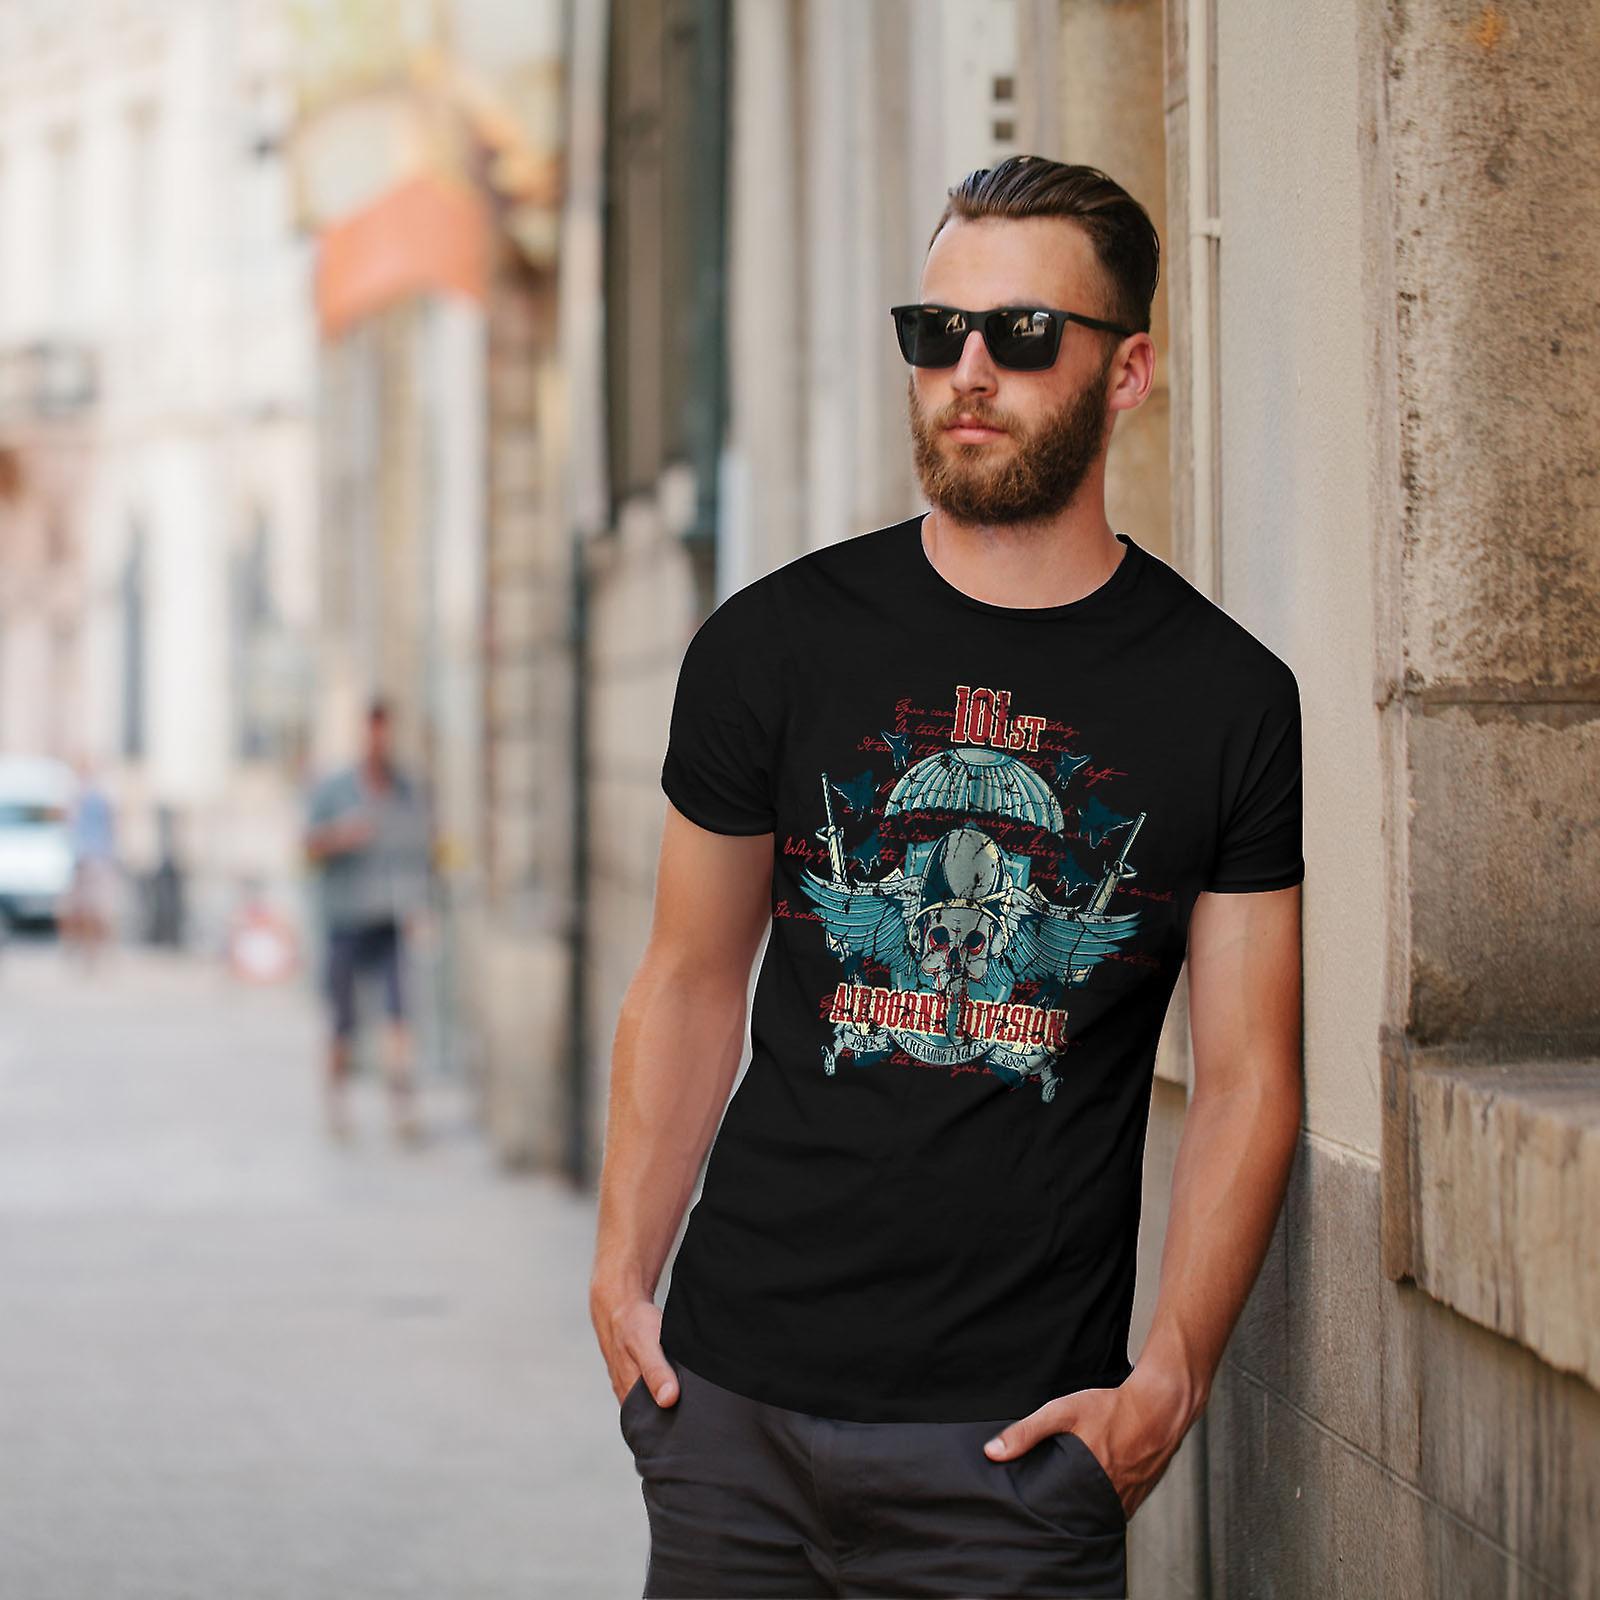 Airborne Division schedel mannen zwart T-shirt | Wellcoda